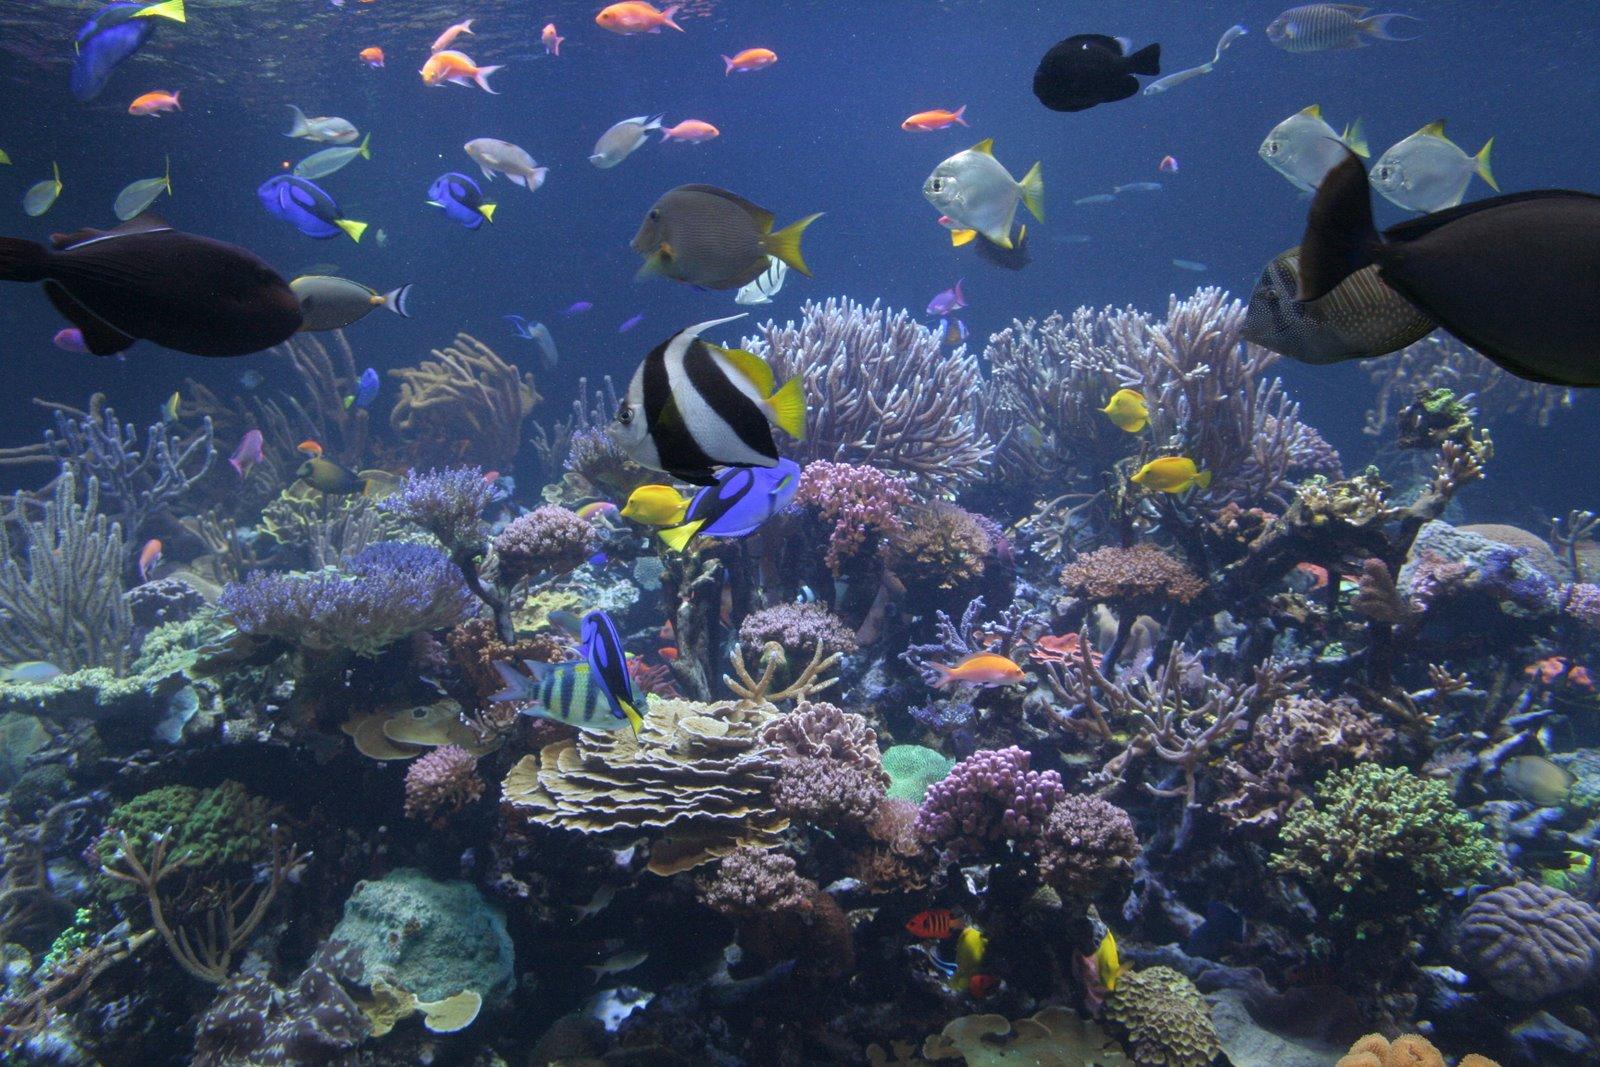 «жемчужныи остров» фукуок – идеальное место для летнего отдыха hinh 1